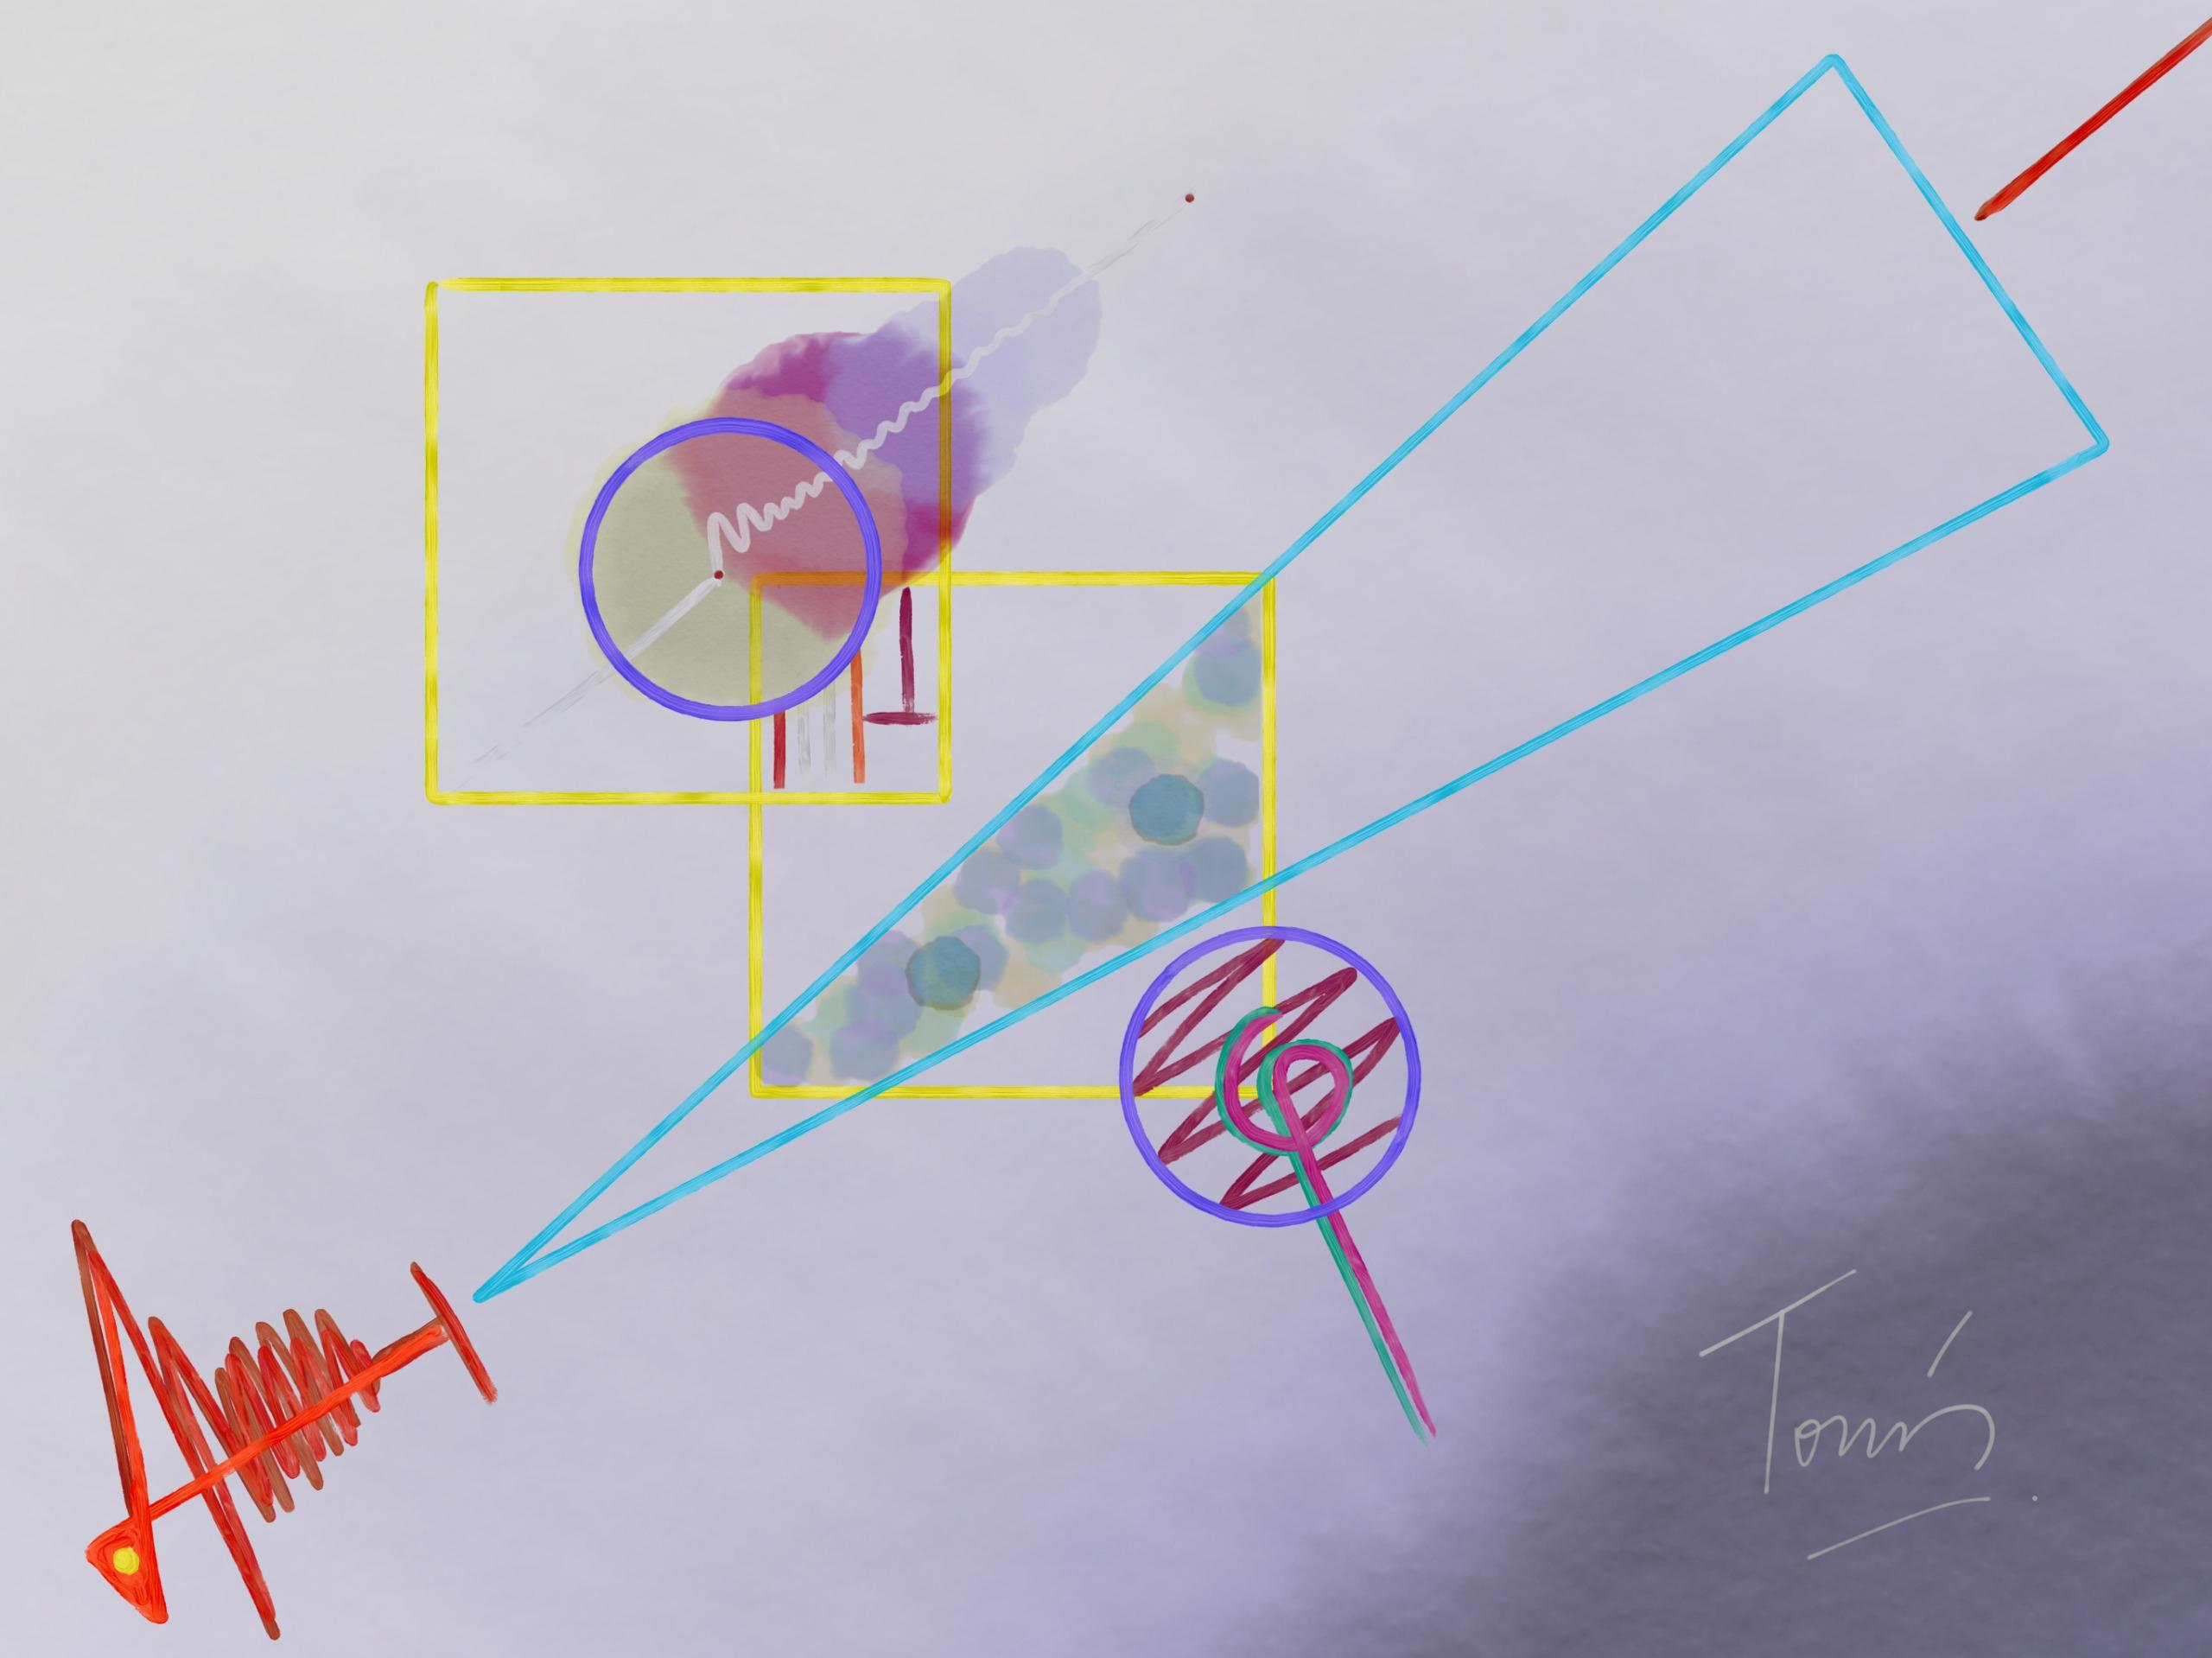 Tomás Gauthier. write, draw pla - tomasgauthier | ello